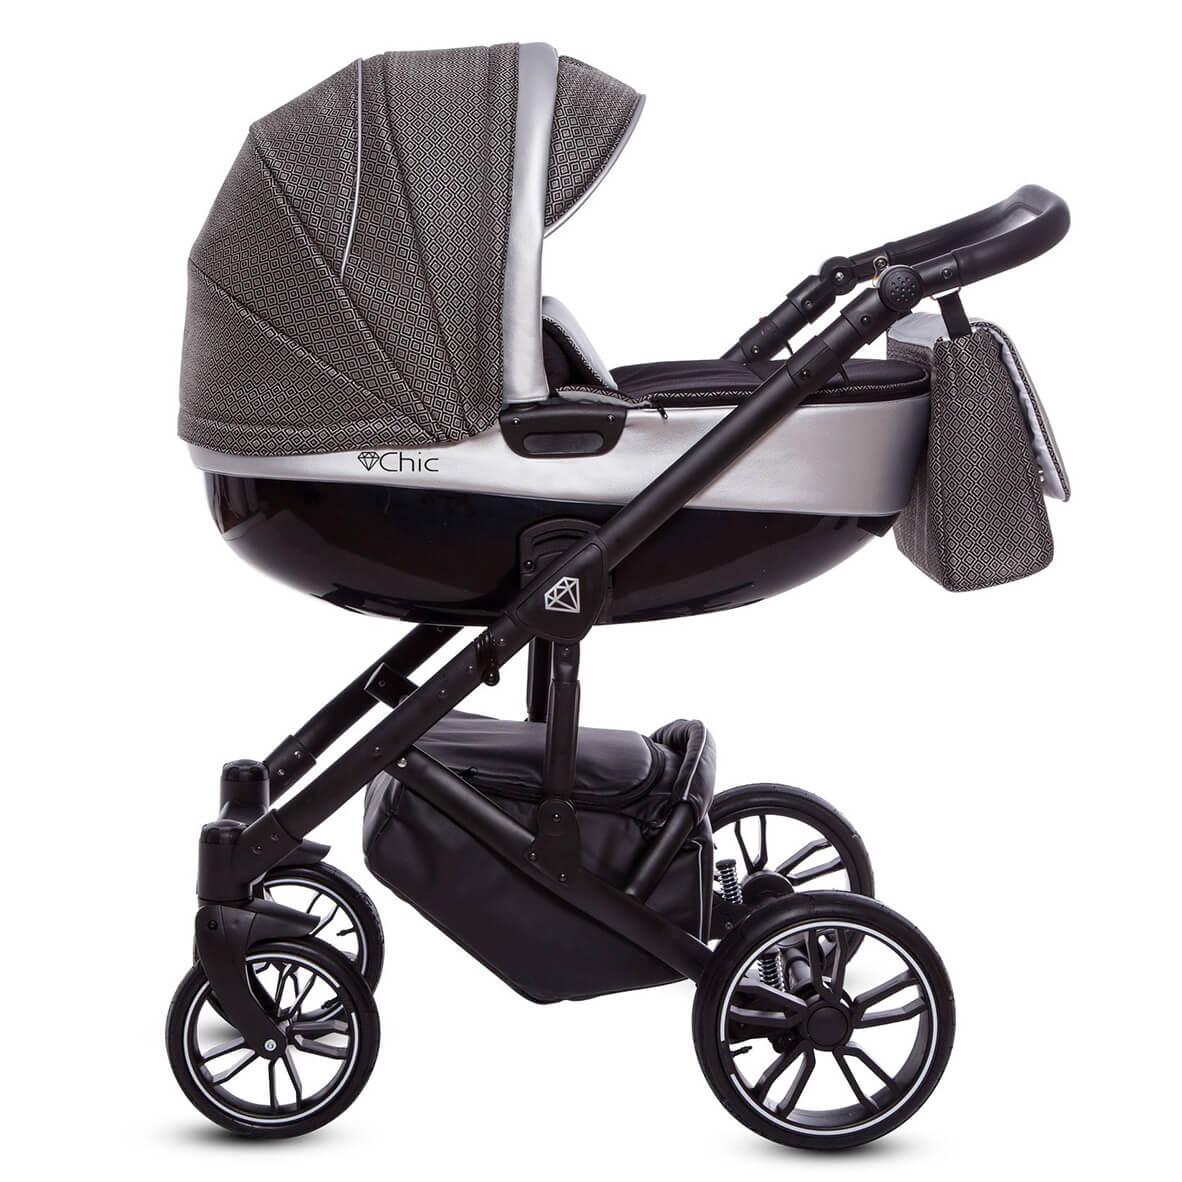 chic kolor c01 wózek dziecięcy